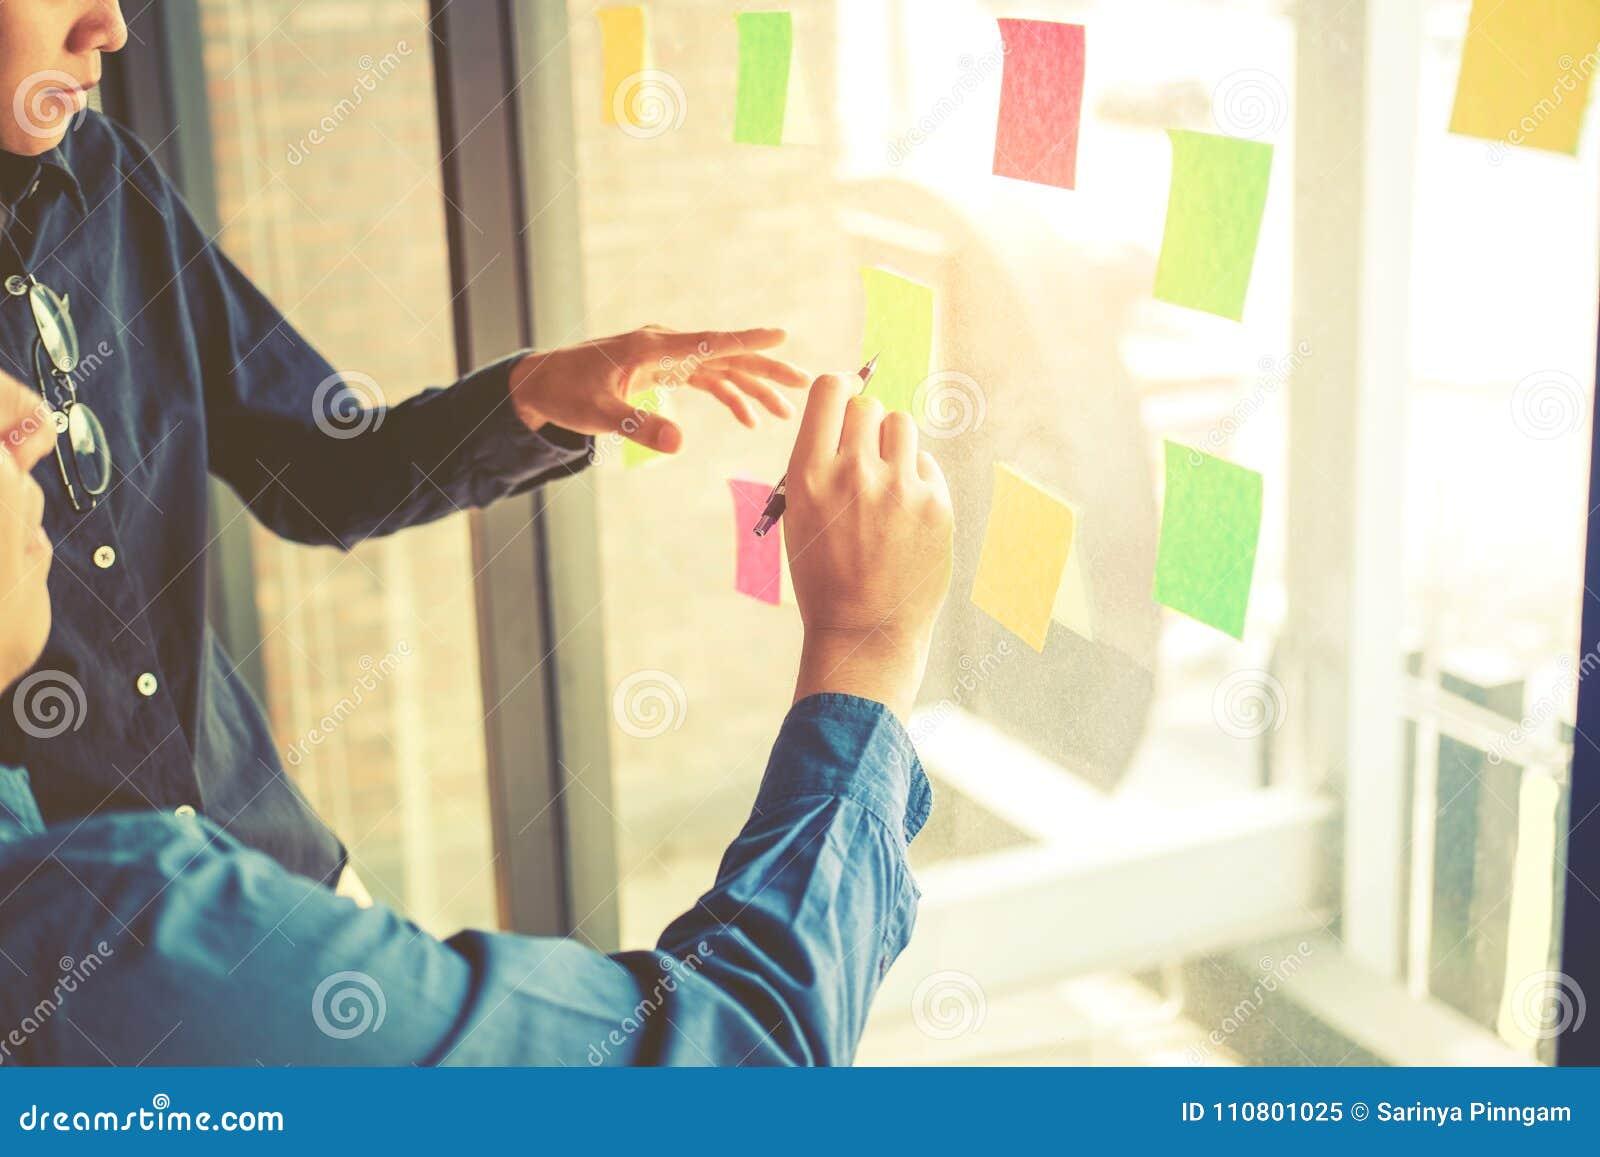 Объединяйтесь в команду творческое планированиe бизнеса и думать идей для succes